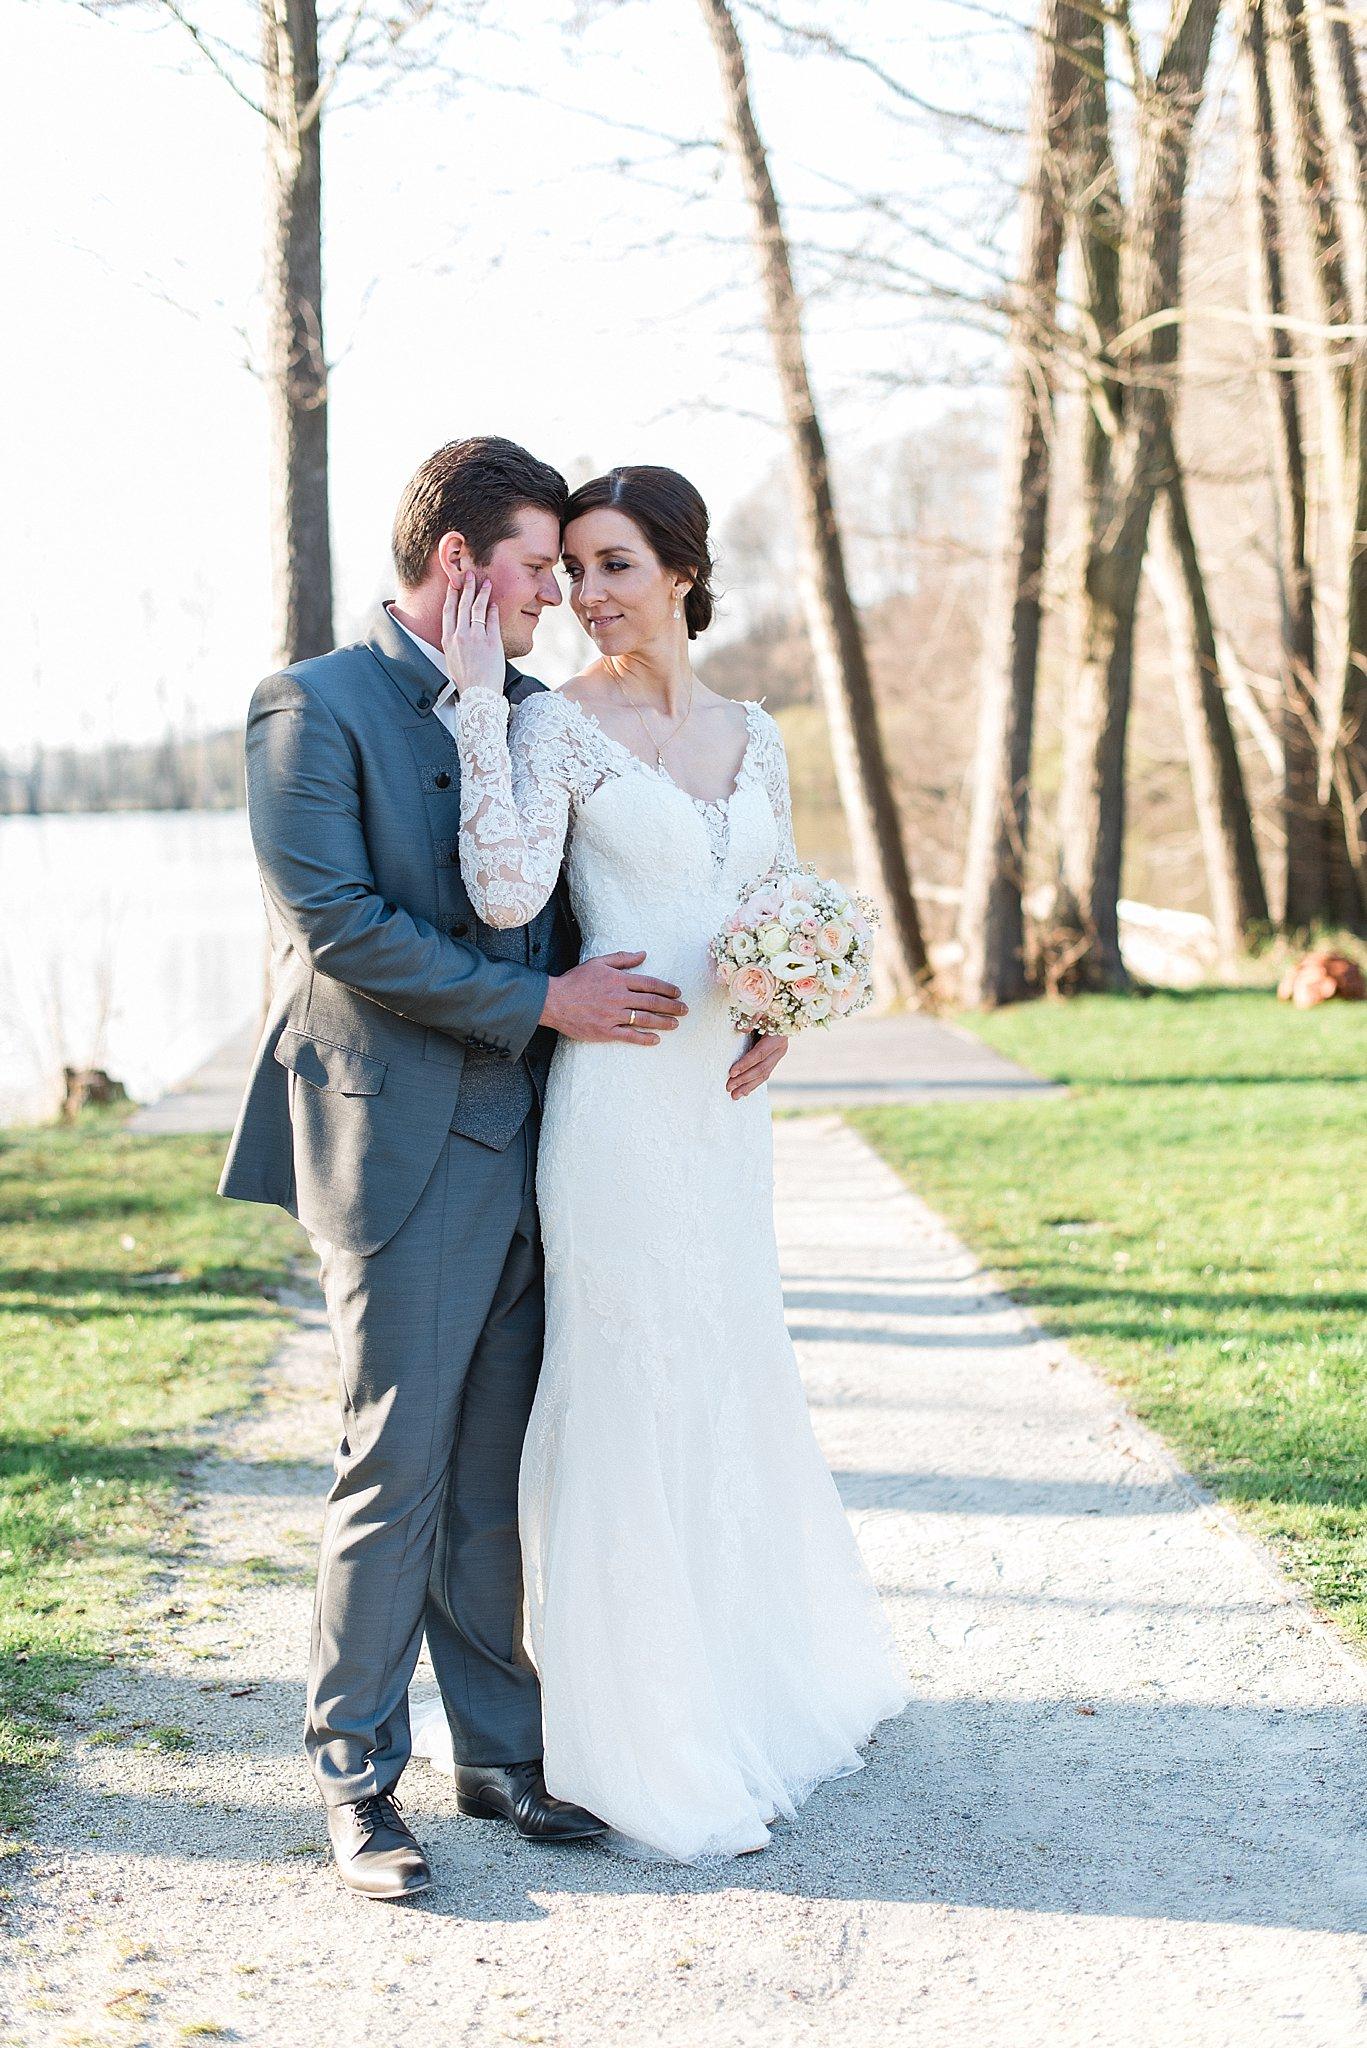 Hochzeitsfotograf-Oberpfalz-Bayern_Innovision-Center-Weiherhammer_2336